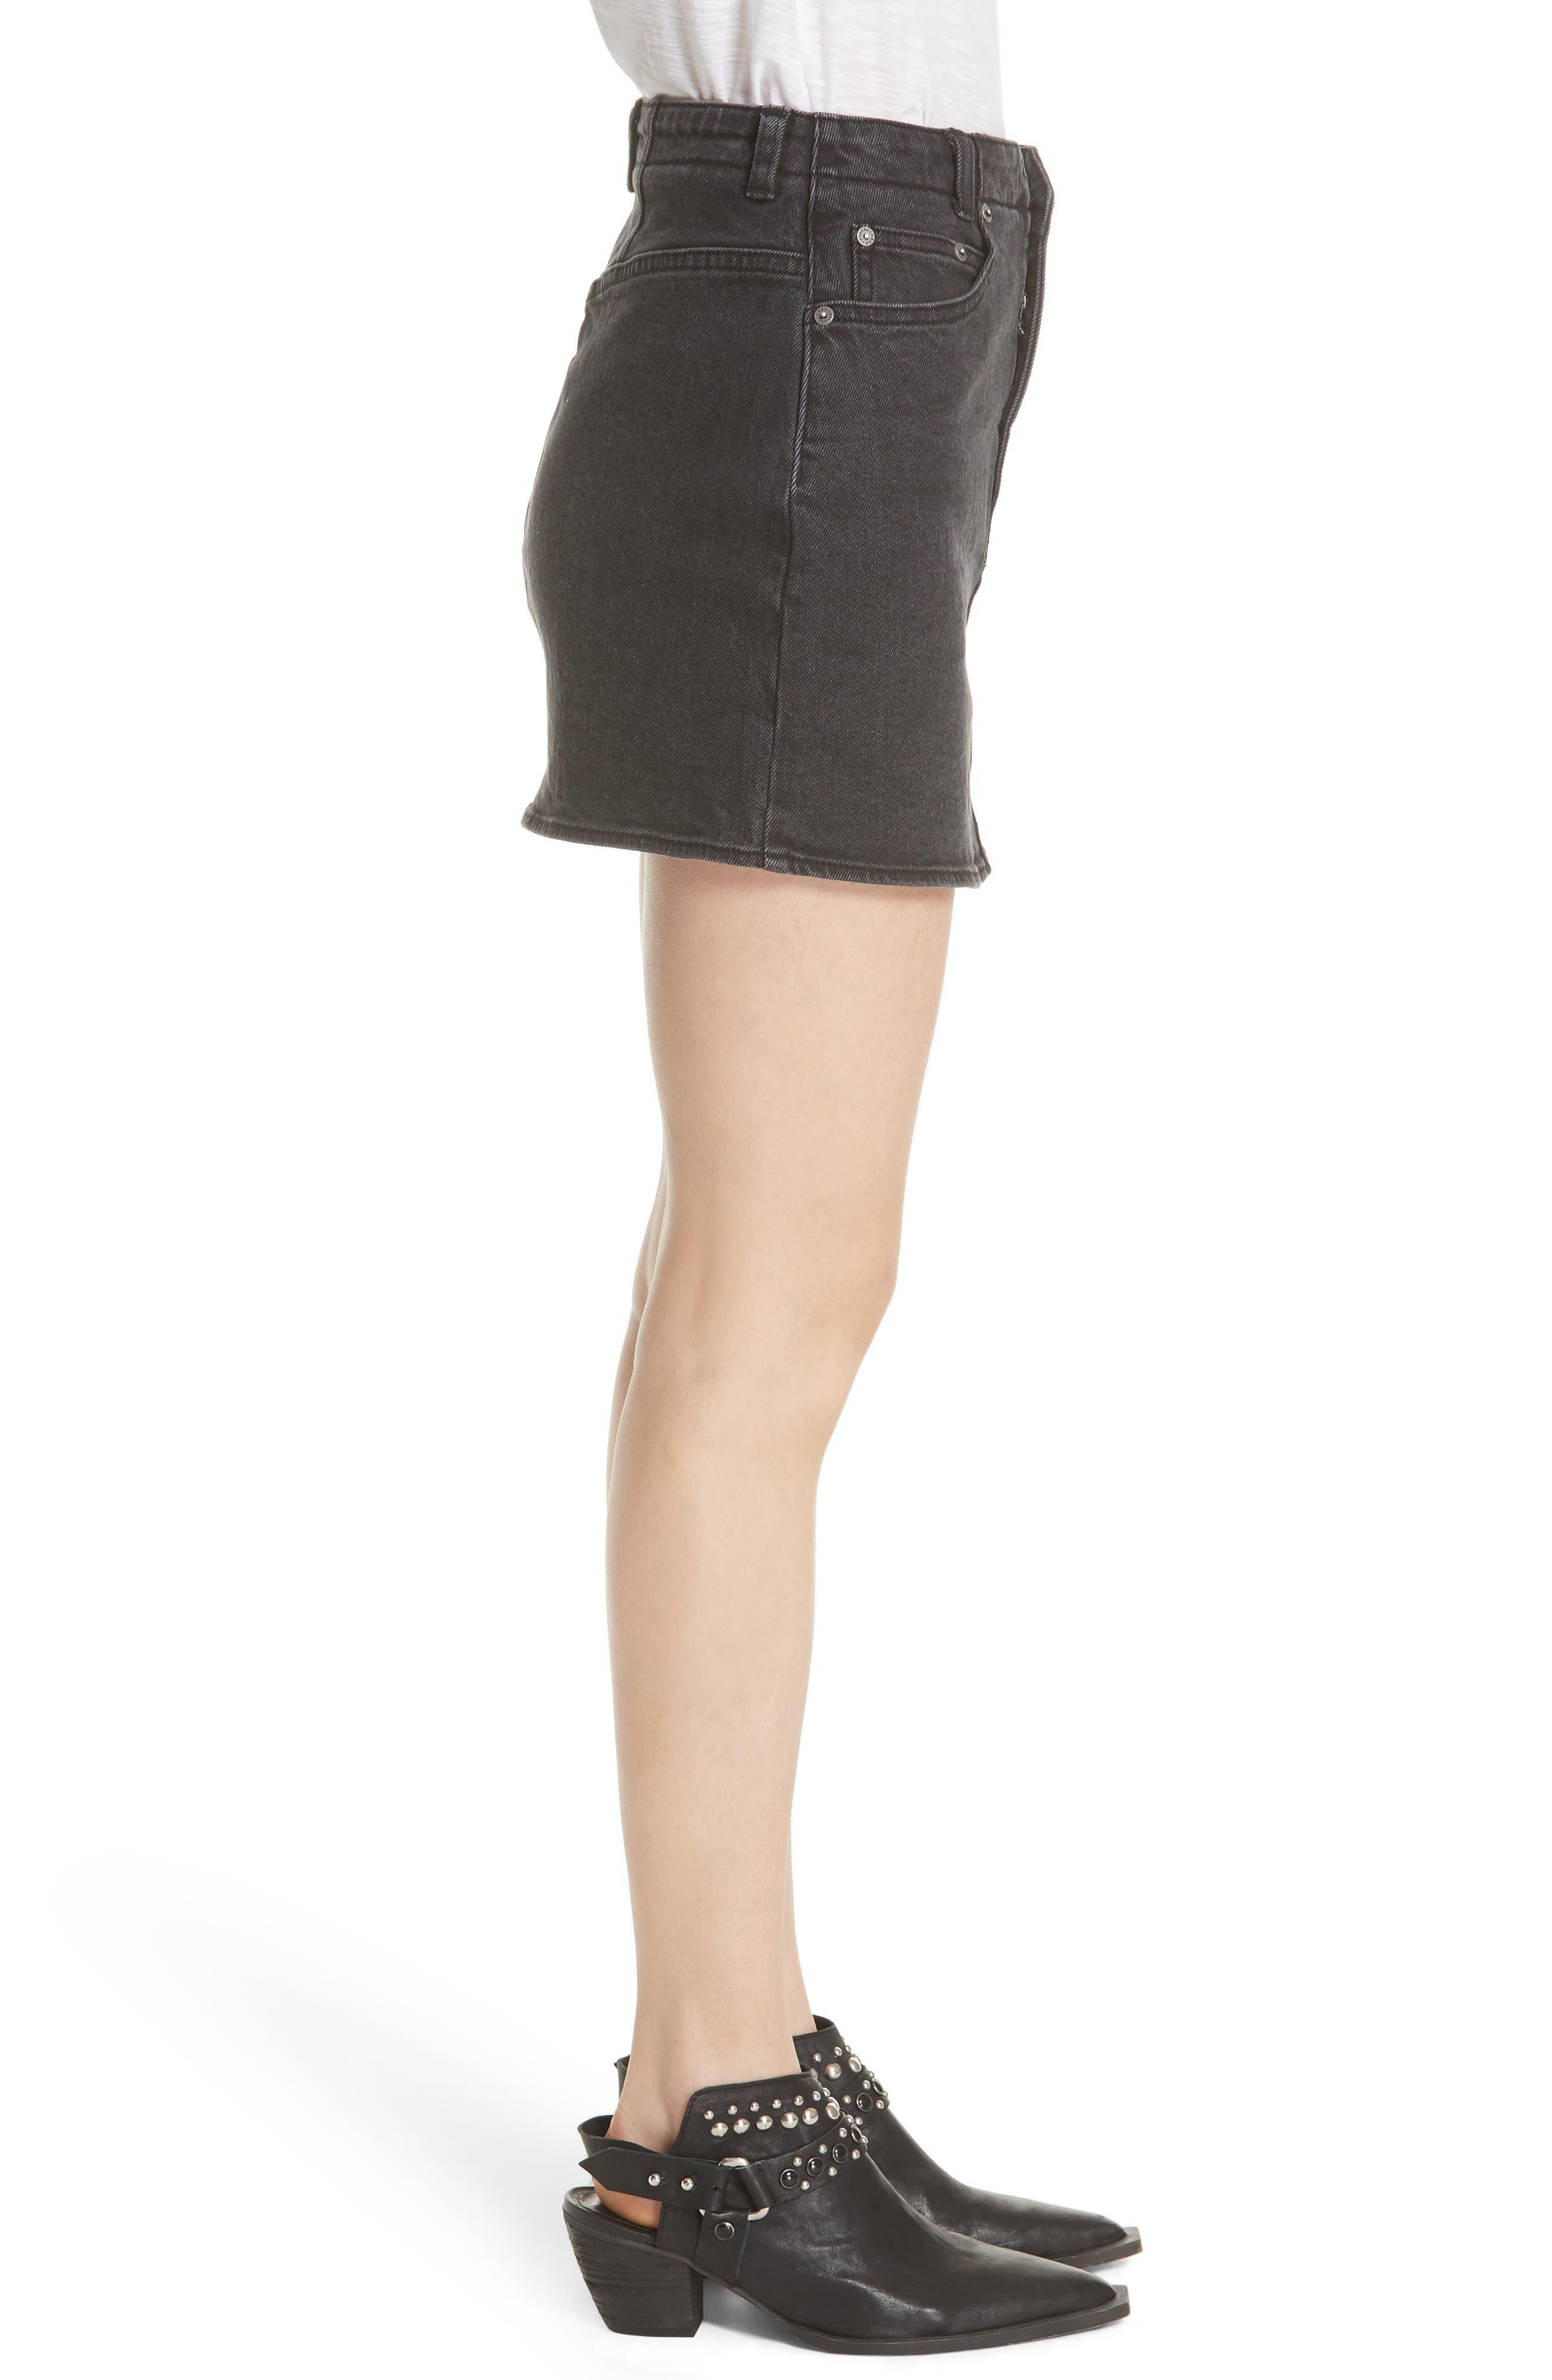 She's All That Denim Miniskirt,                             Alternate thumbnail 3, color,                             Black